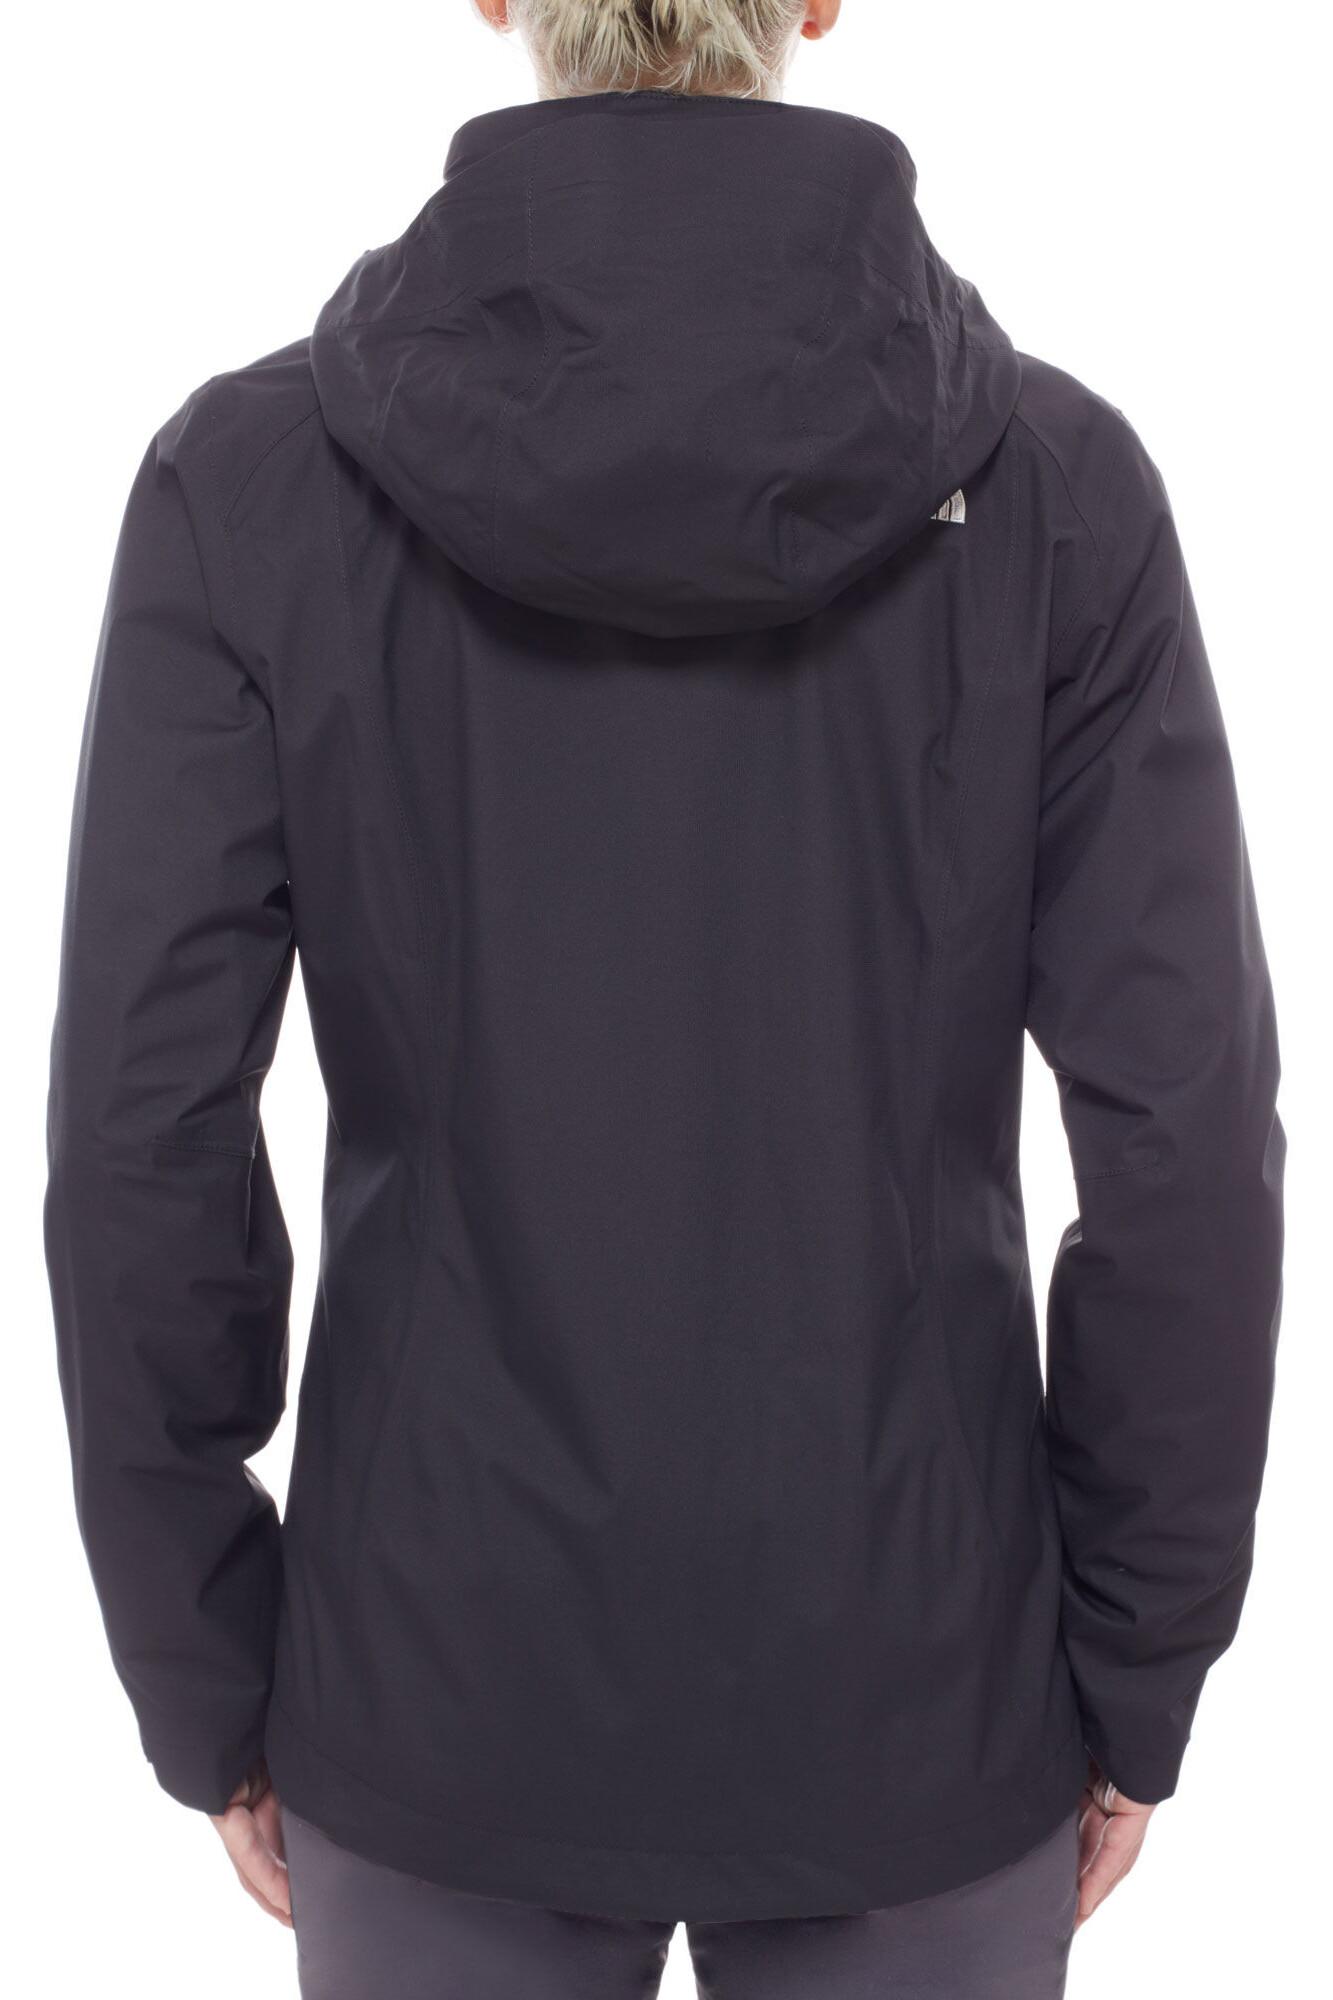 laest technology Werksverkauf beste Qualität für The North Face Evolve II Triclimate Jacket Damen tnf black